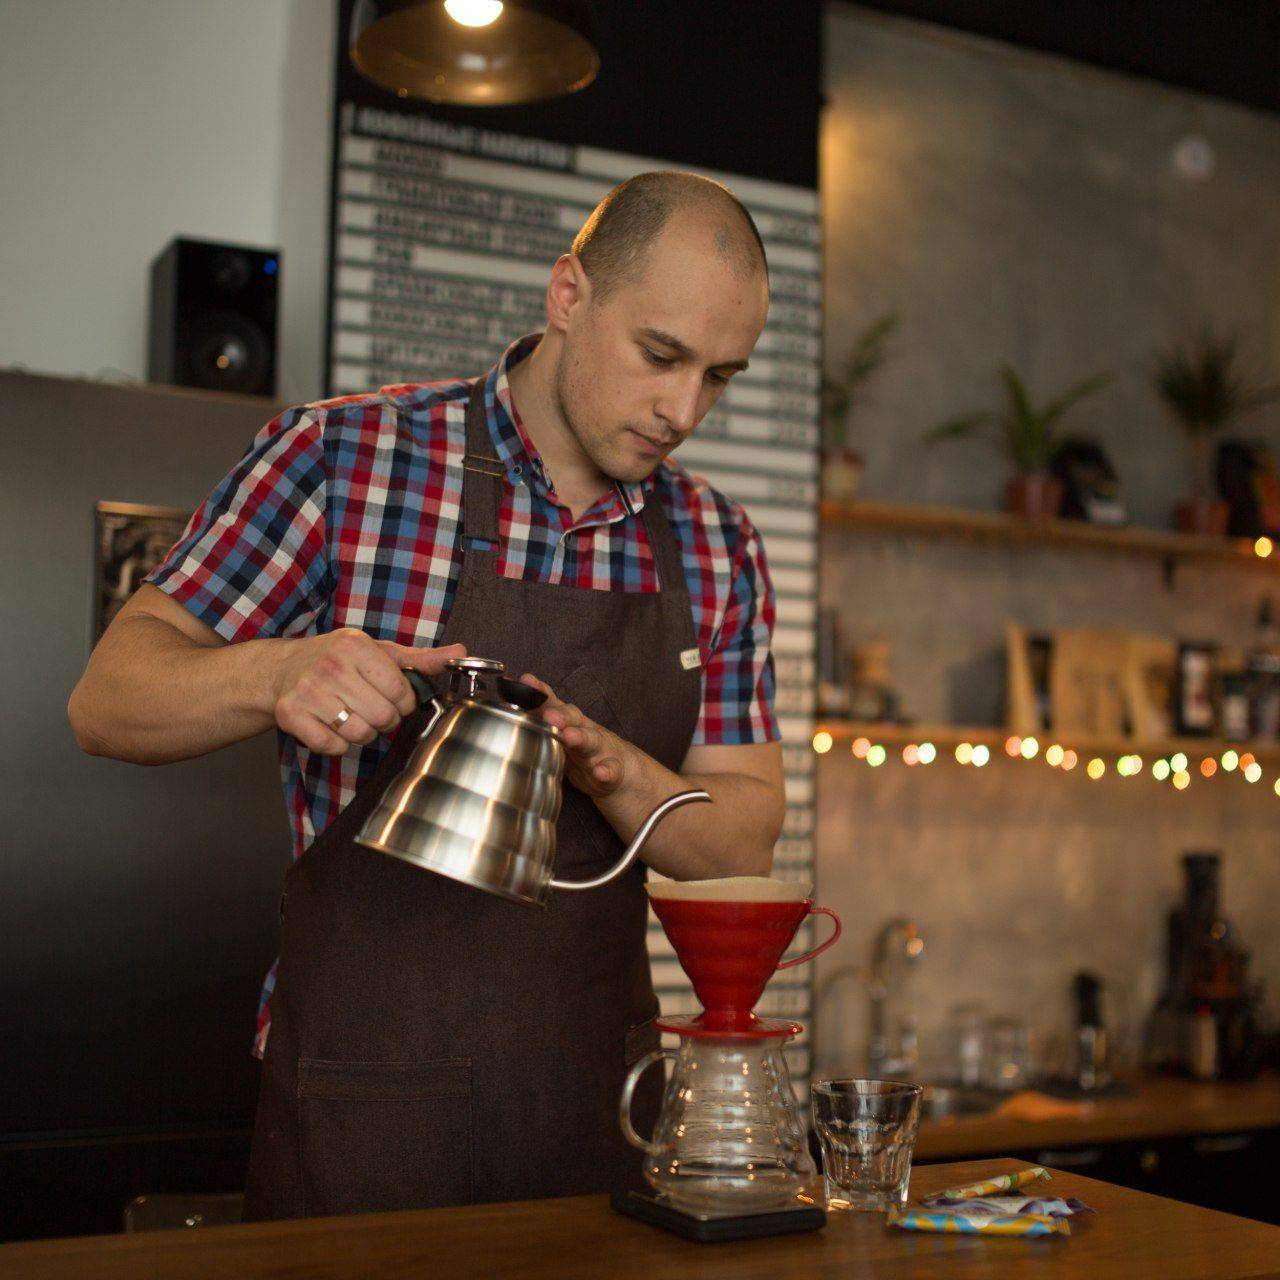 Способ приготовления Пуровер(воронка) - статья что такое брю бар - стон форест